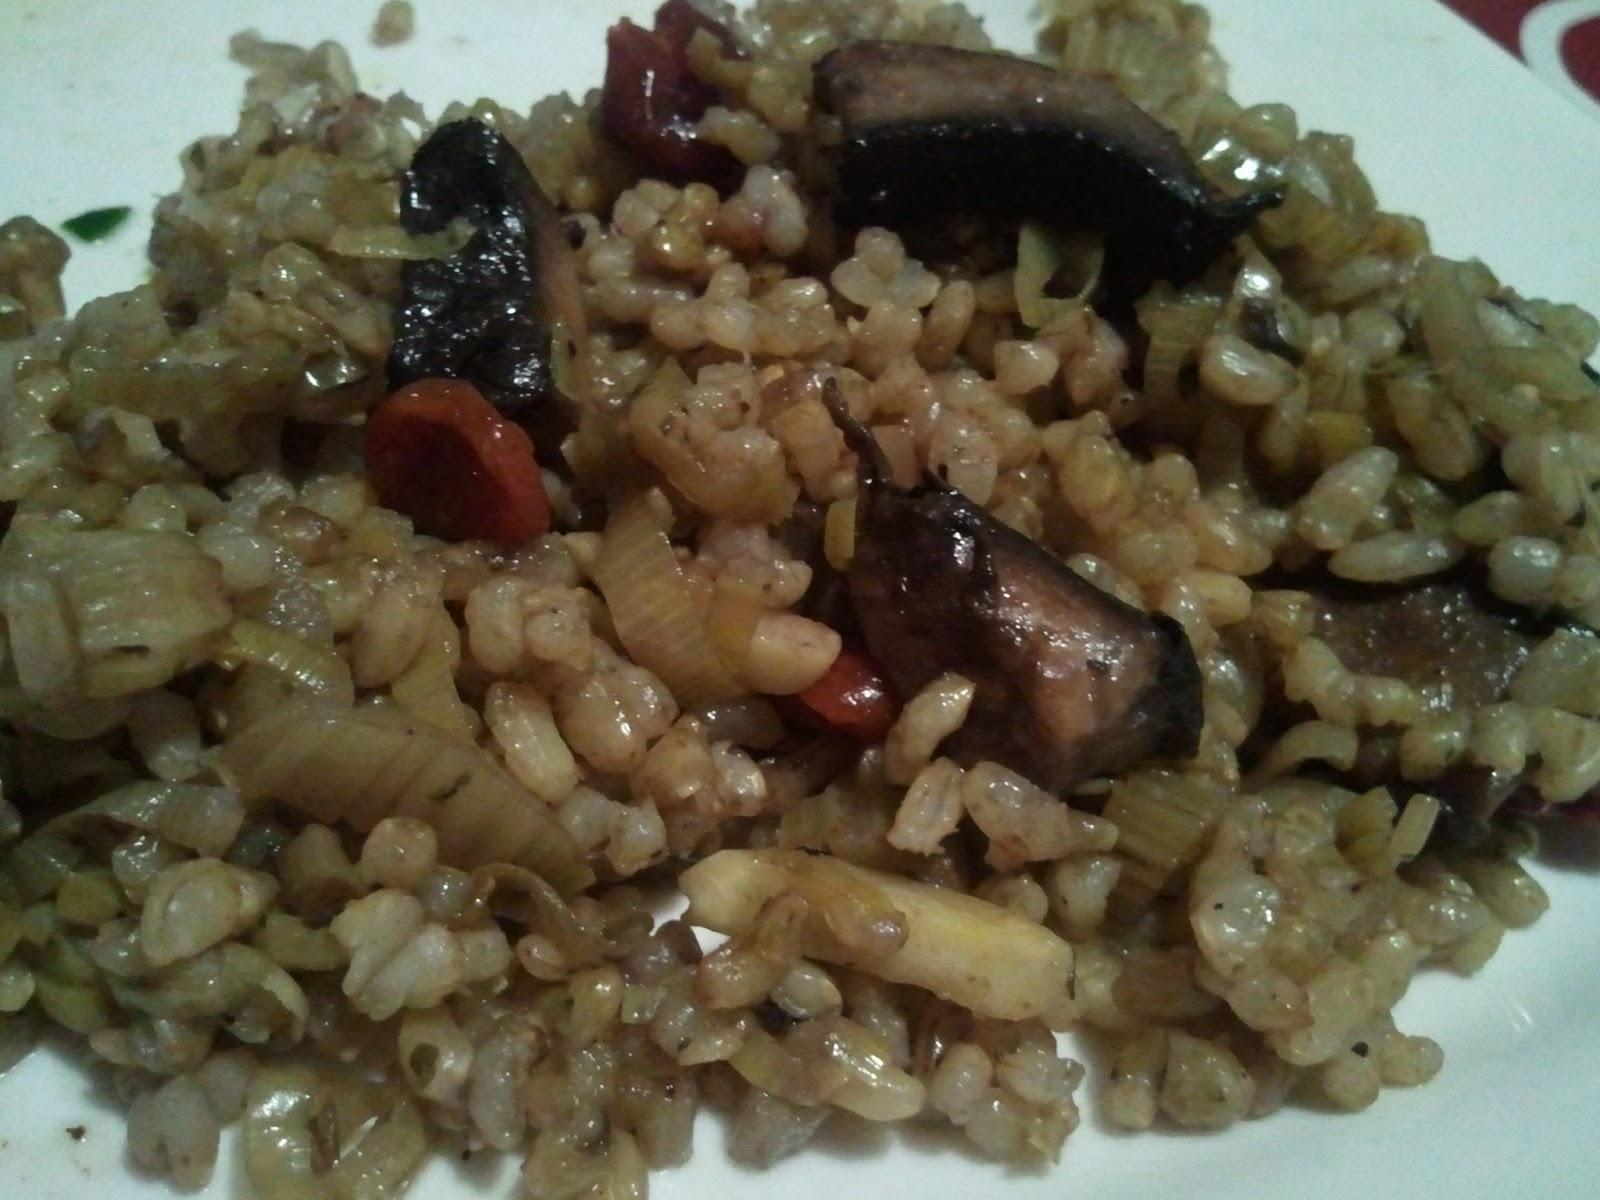 Risotto de arroz integral cocina mas saludable - Risotto arroz integral ...